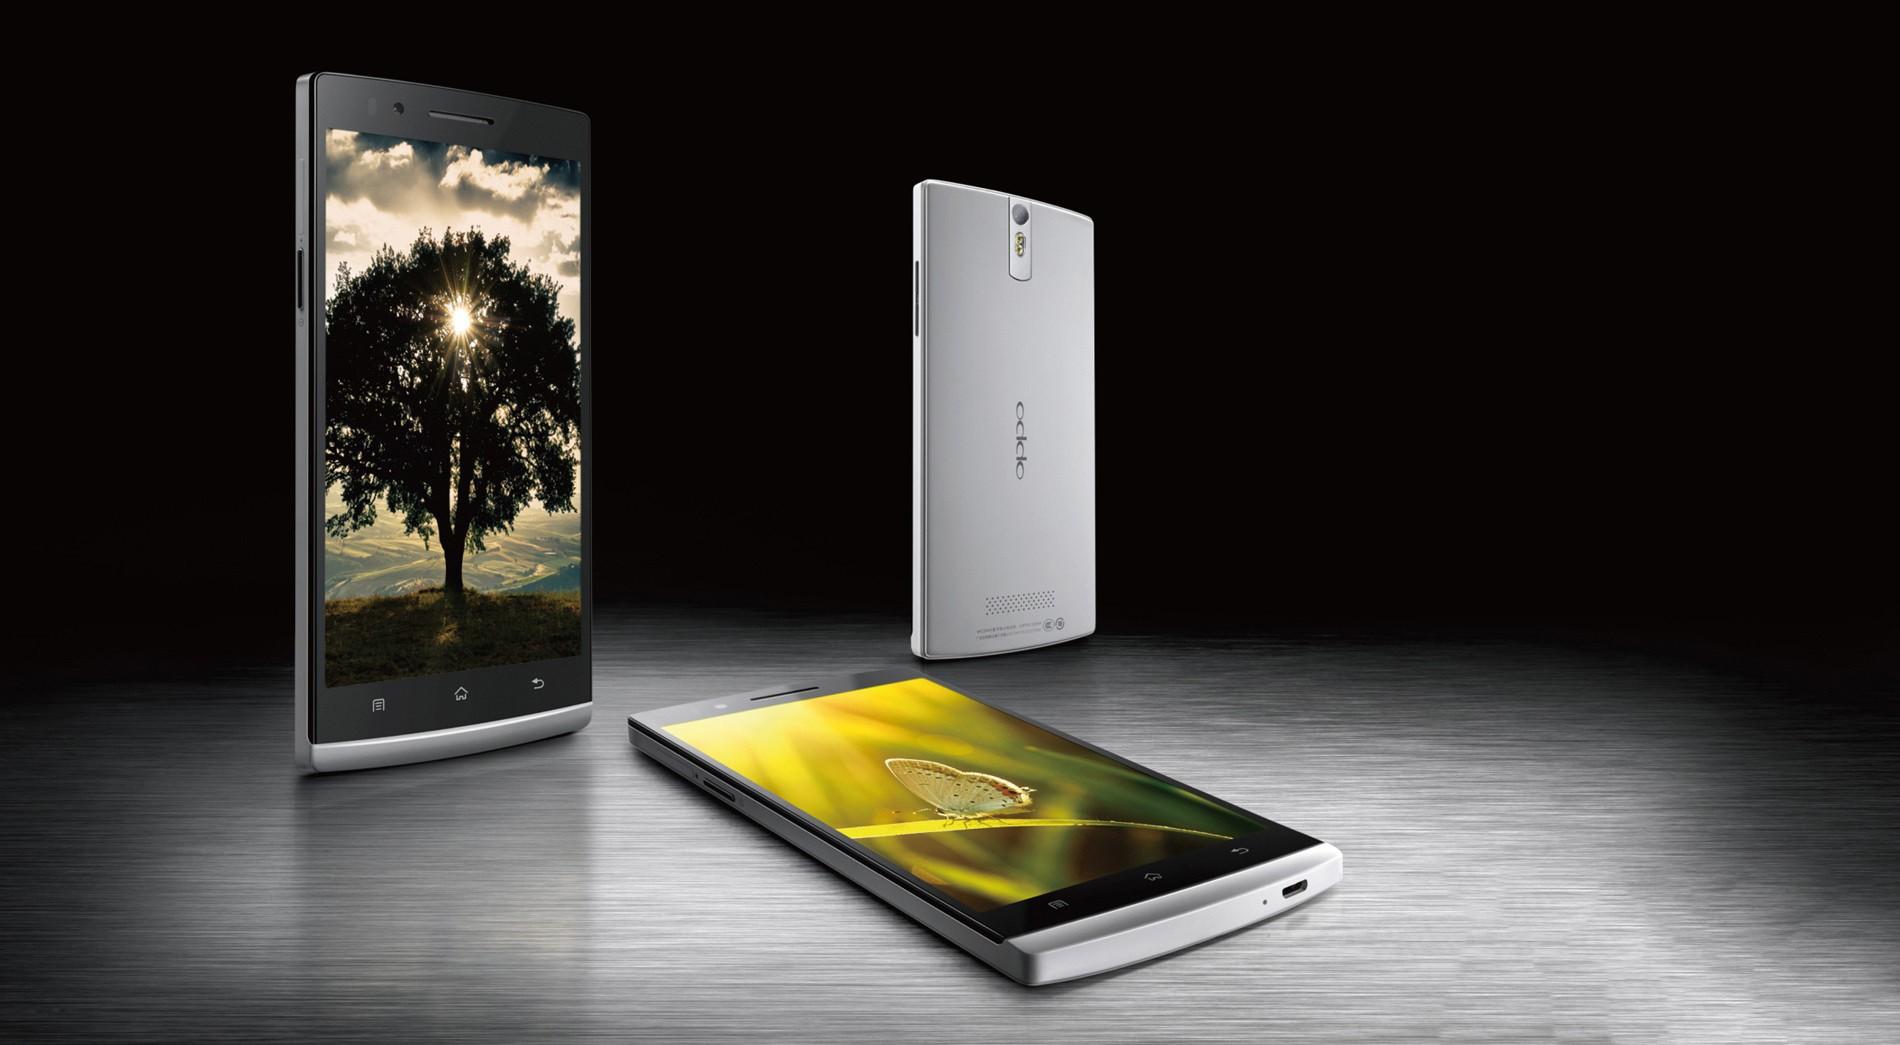 image0011 - Apple iPad Air sẽ có nâng cấp chip A8 và Touch ID trong 2014